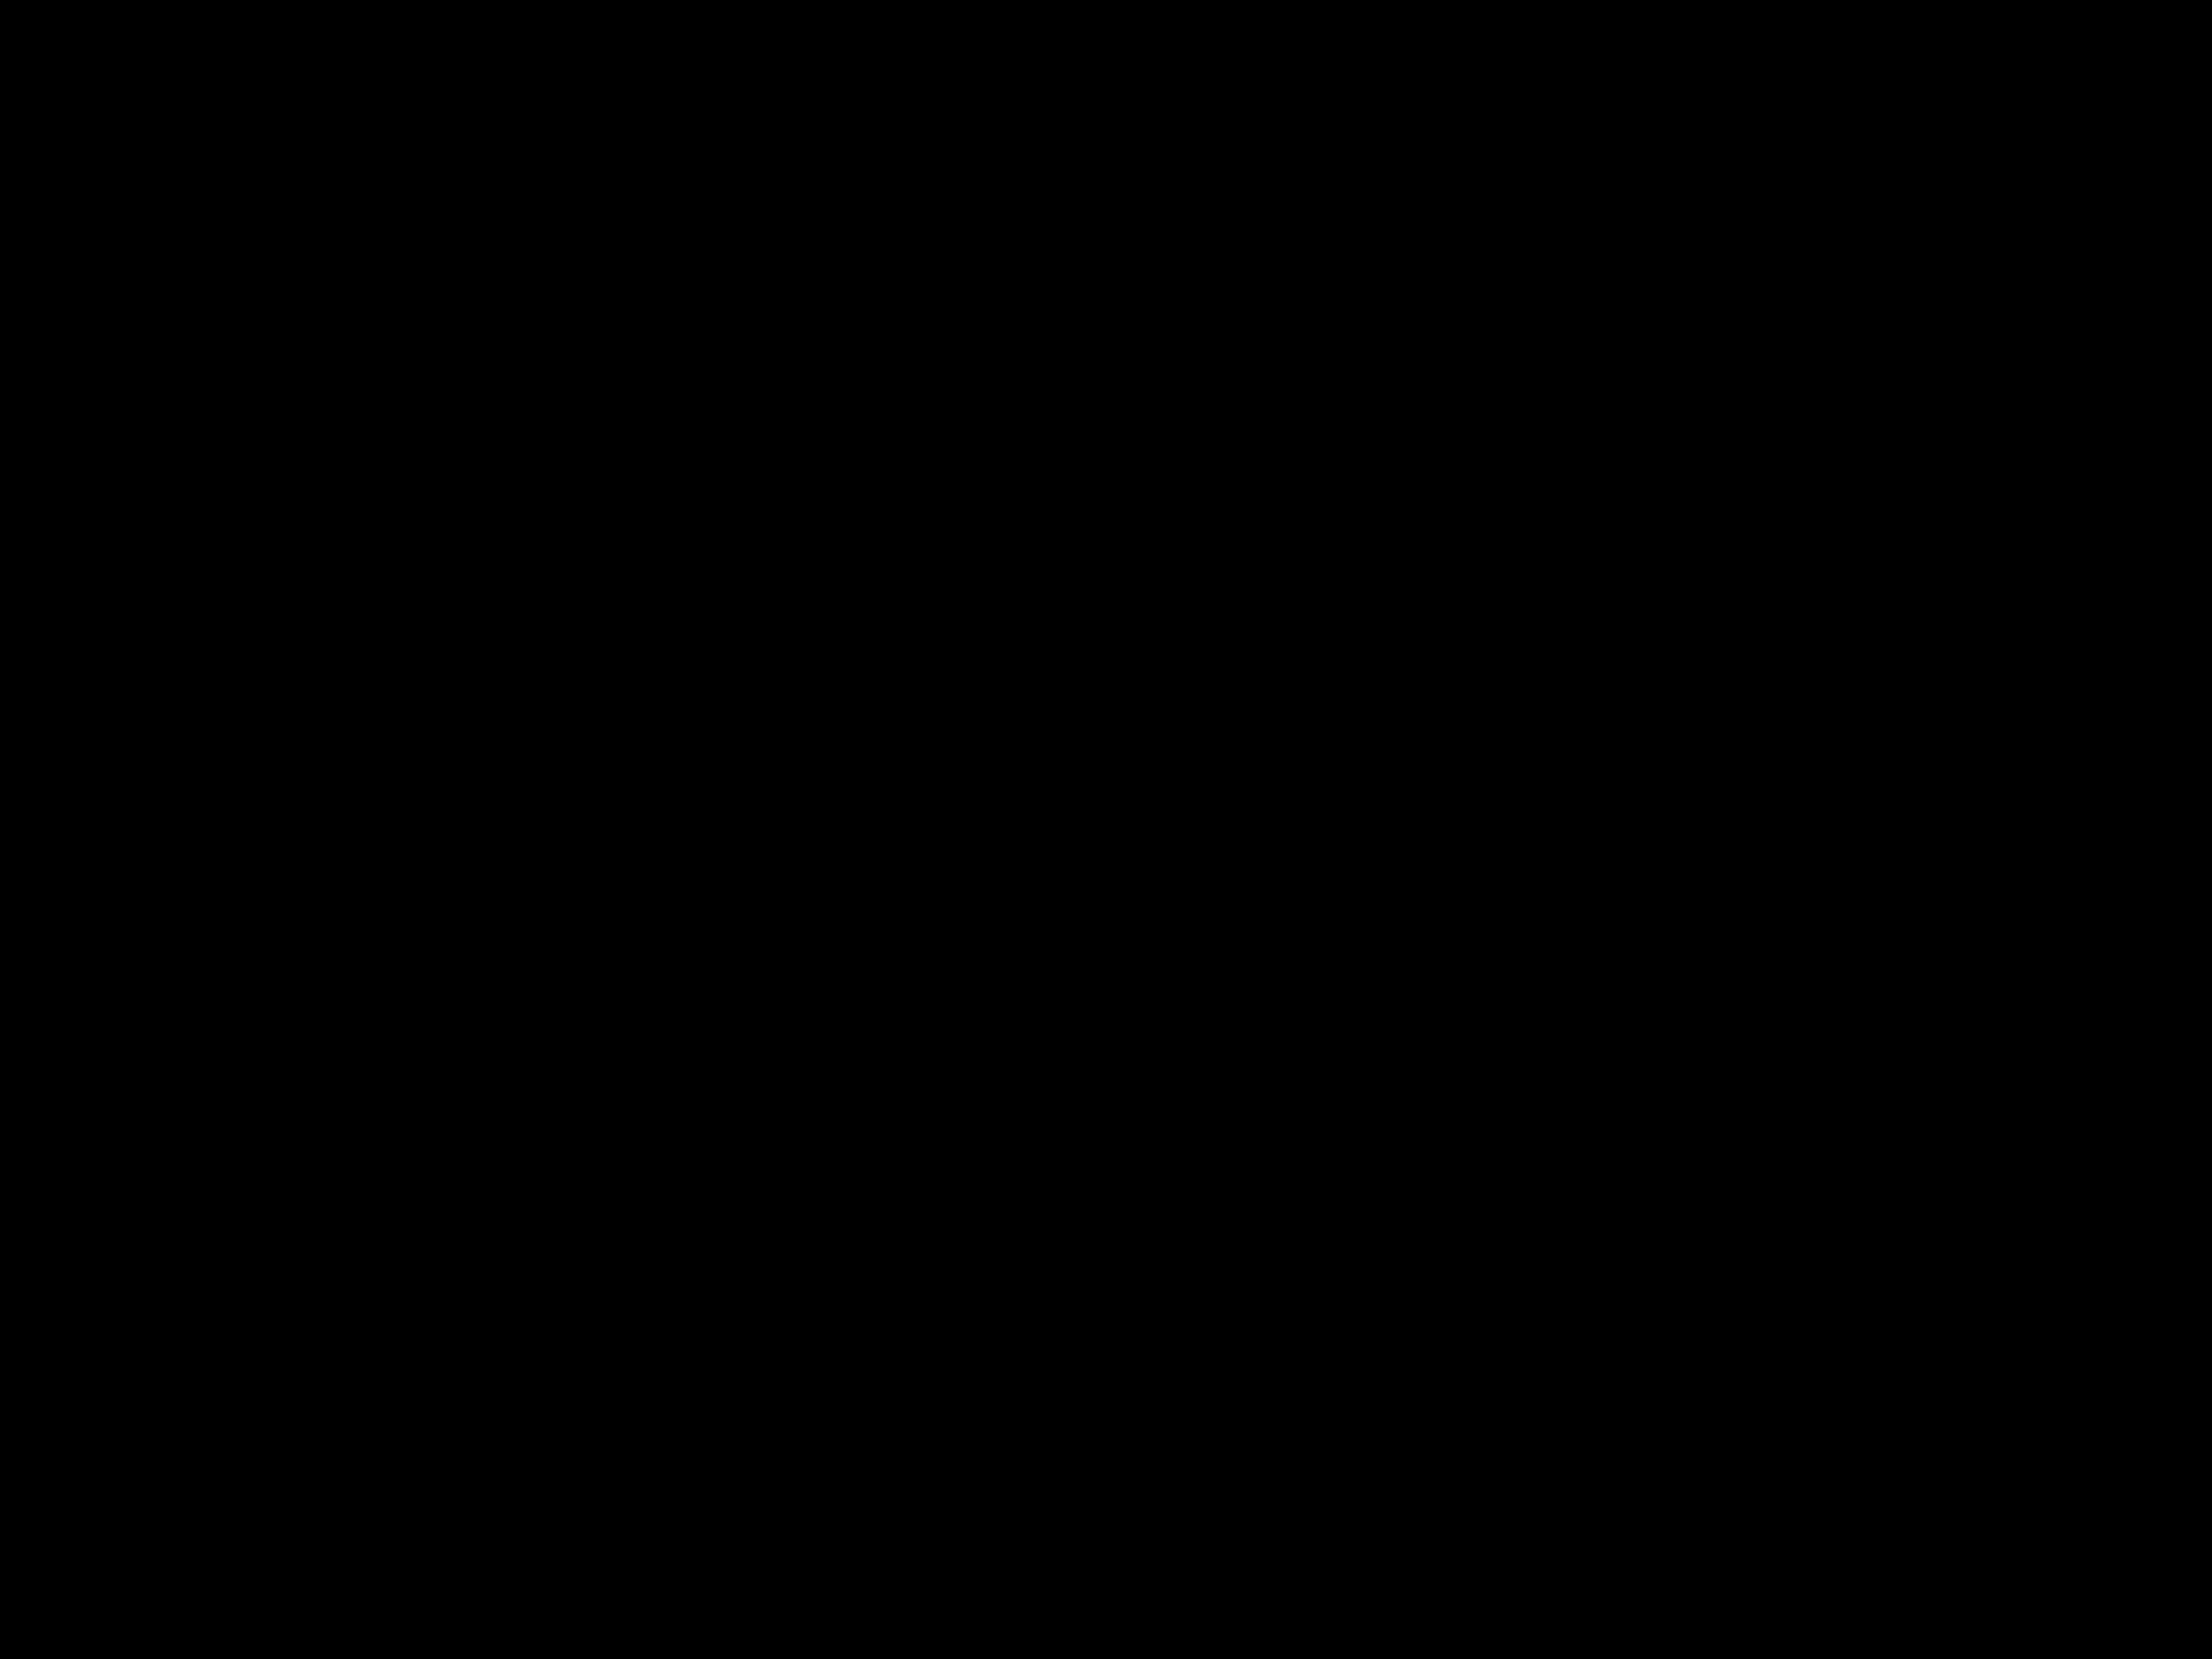 [004] Nouvelle-France : un colosse aux pieds d'argile